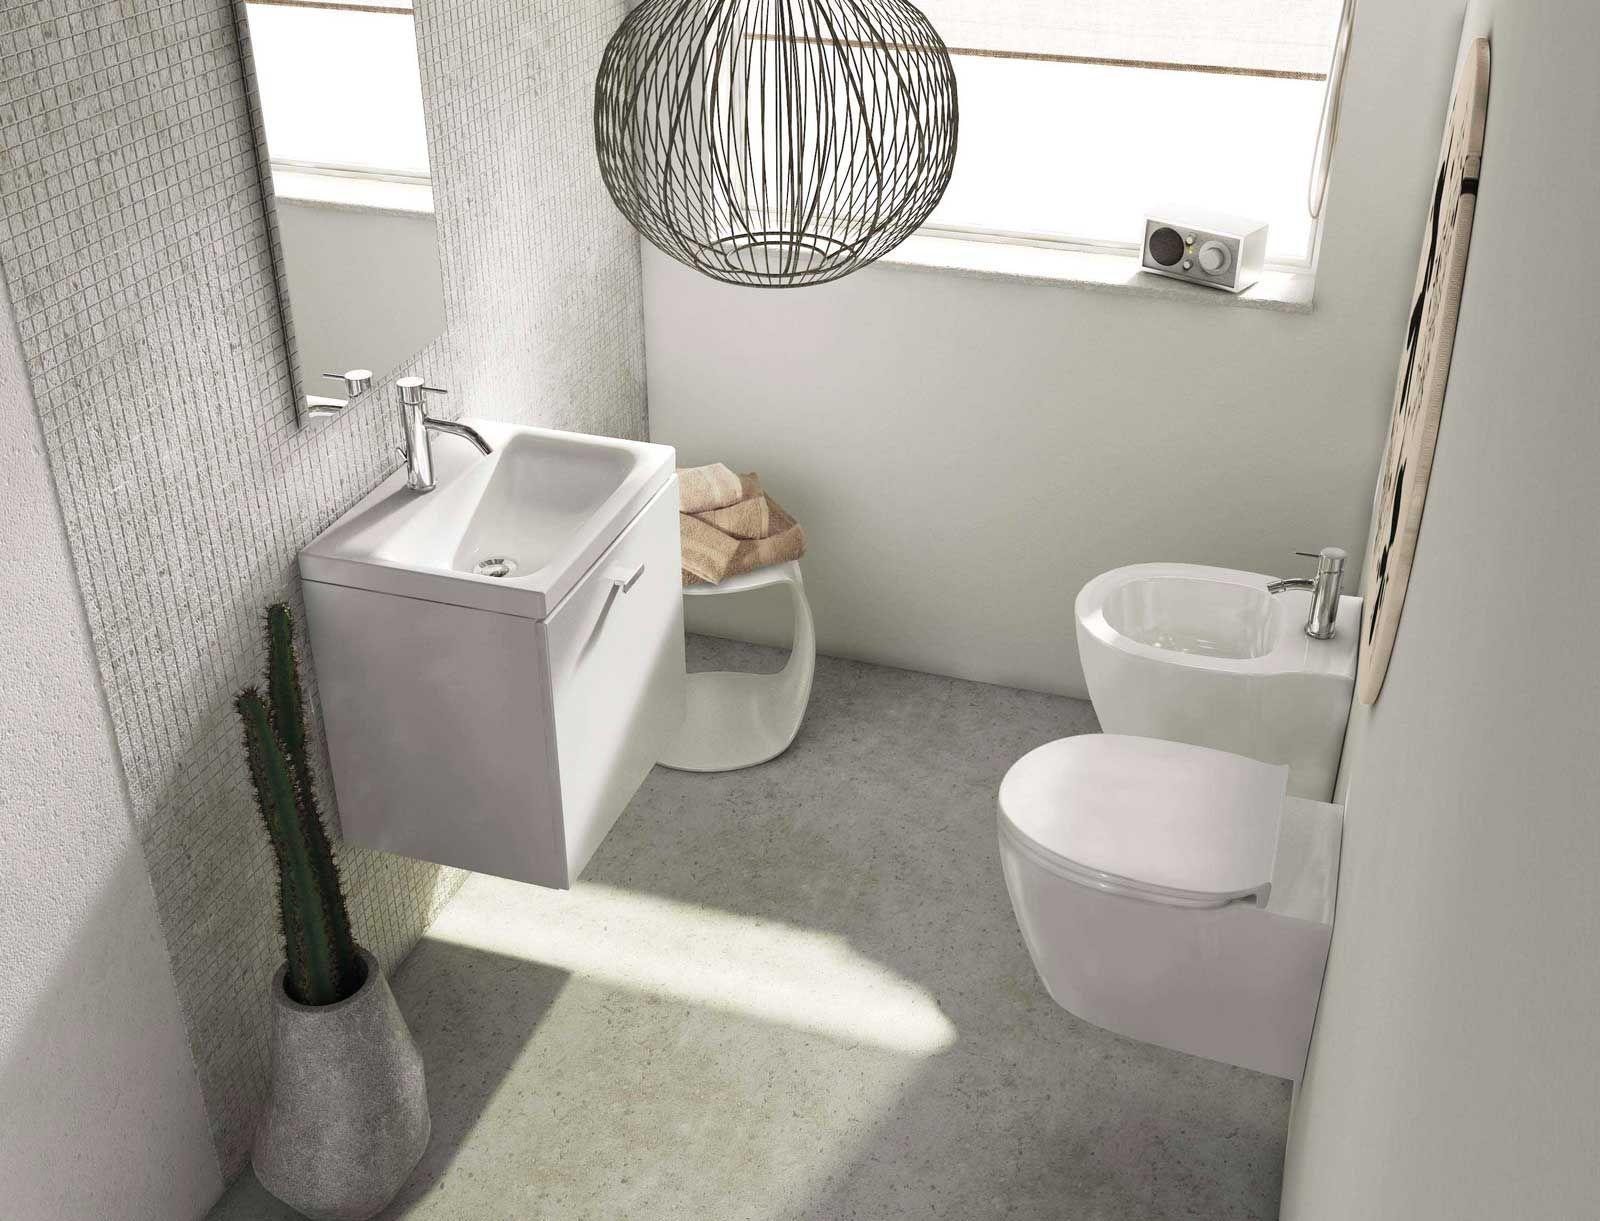 Mobili lavabo piccoli per risparmiare centimetri preziosi for Mobile bagno piccolo